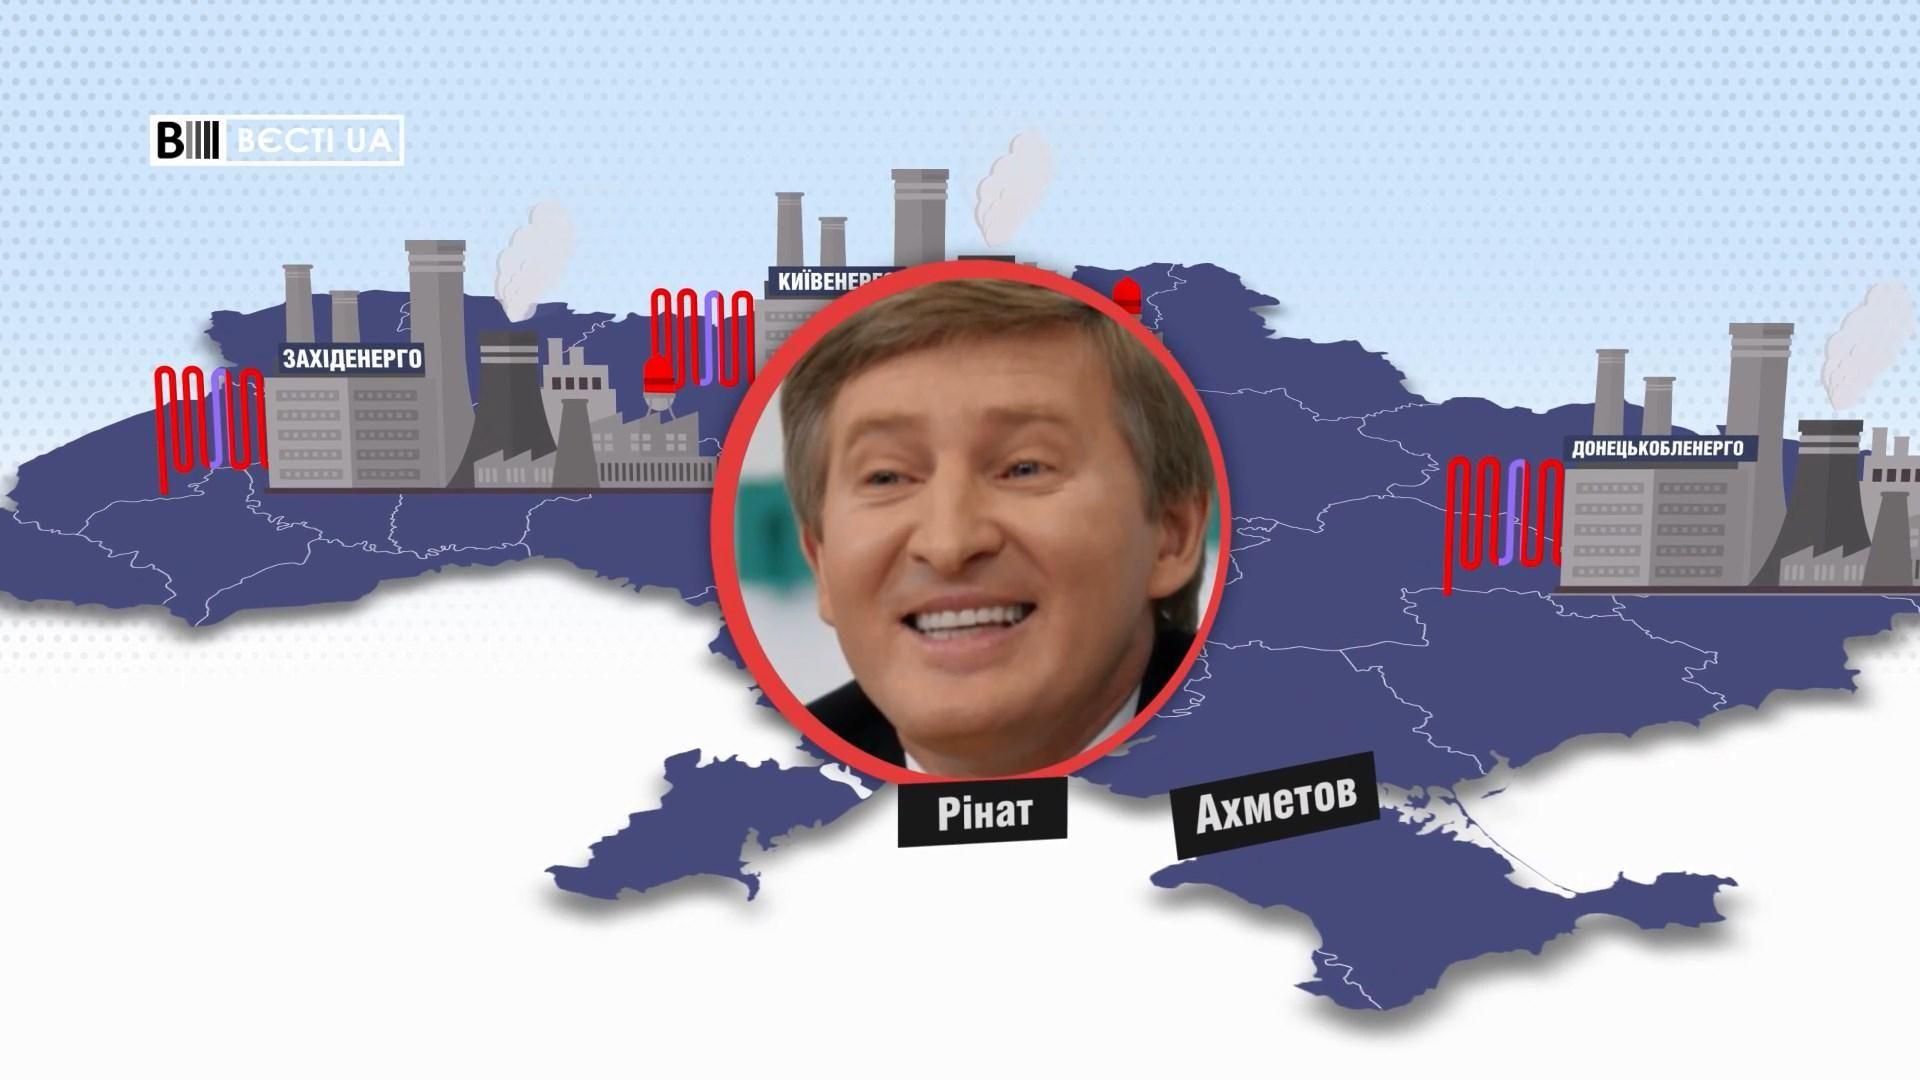 В Украине запущен и работает без сбоев новый энергорынок, - оператор рынка - Цензор.НЕТ 8048